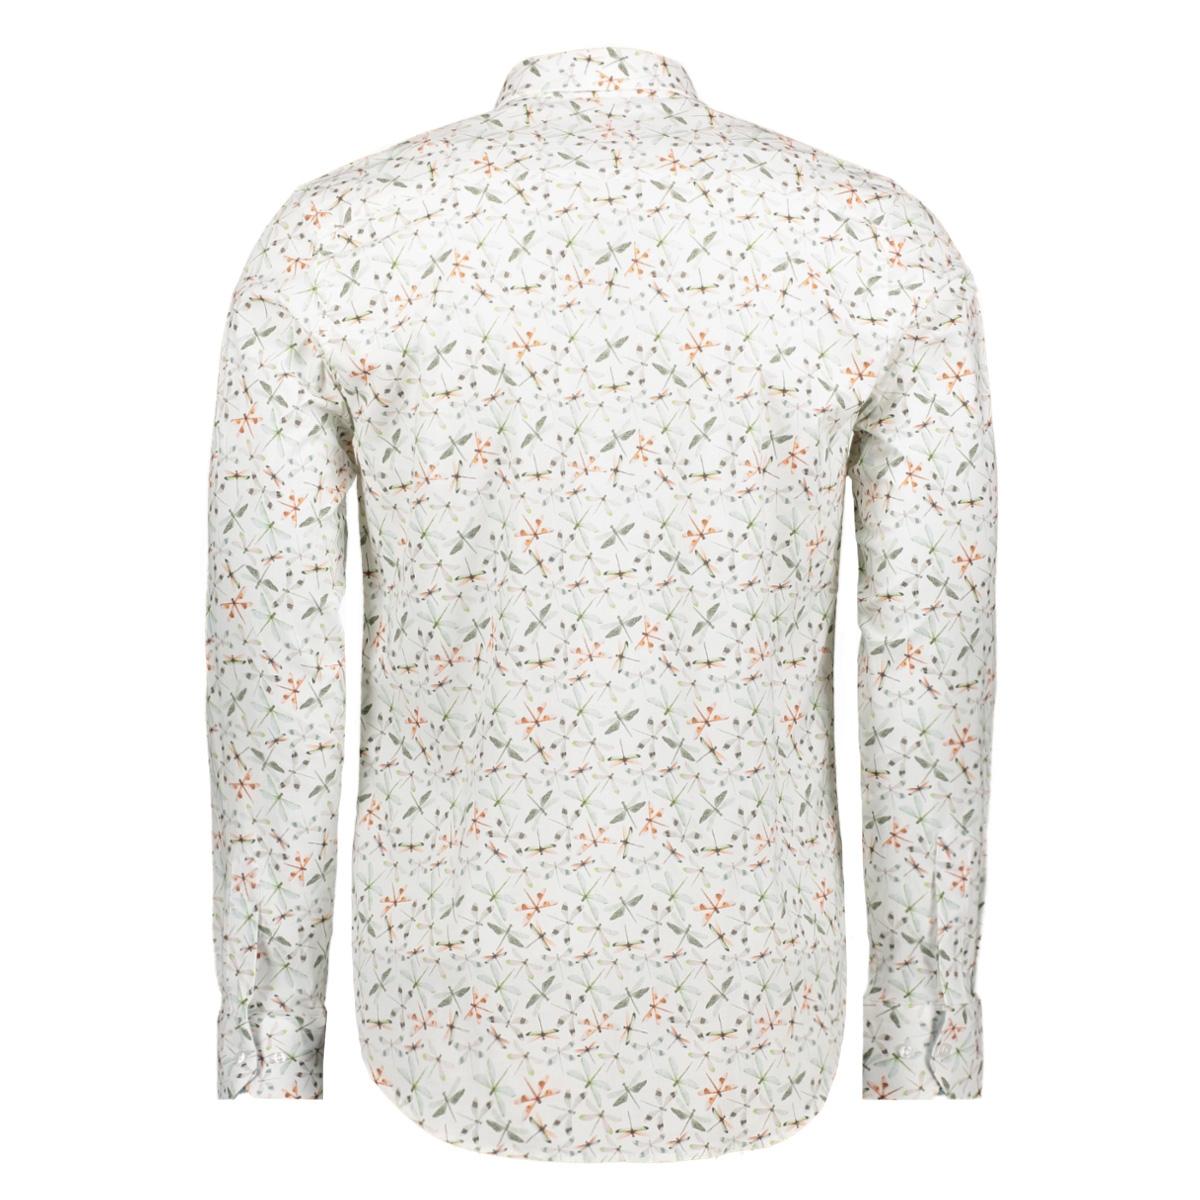 33784 gabbiano overhemd v1